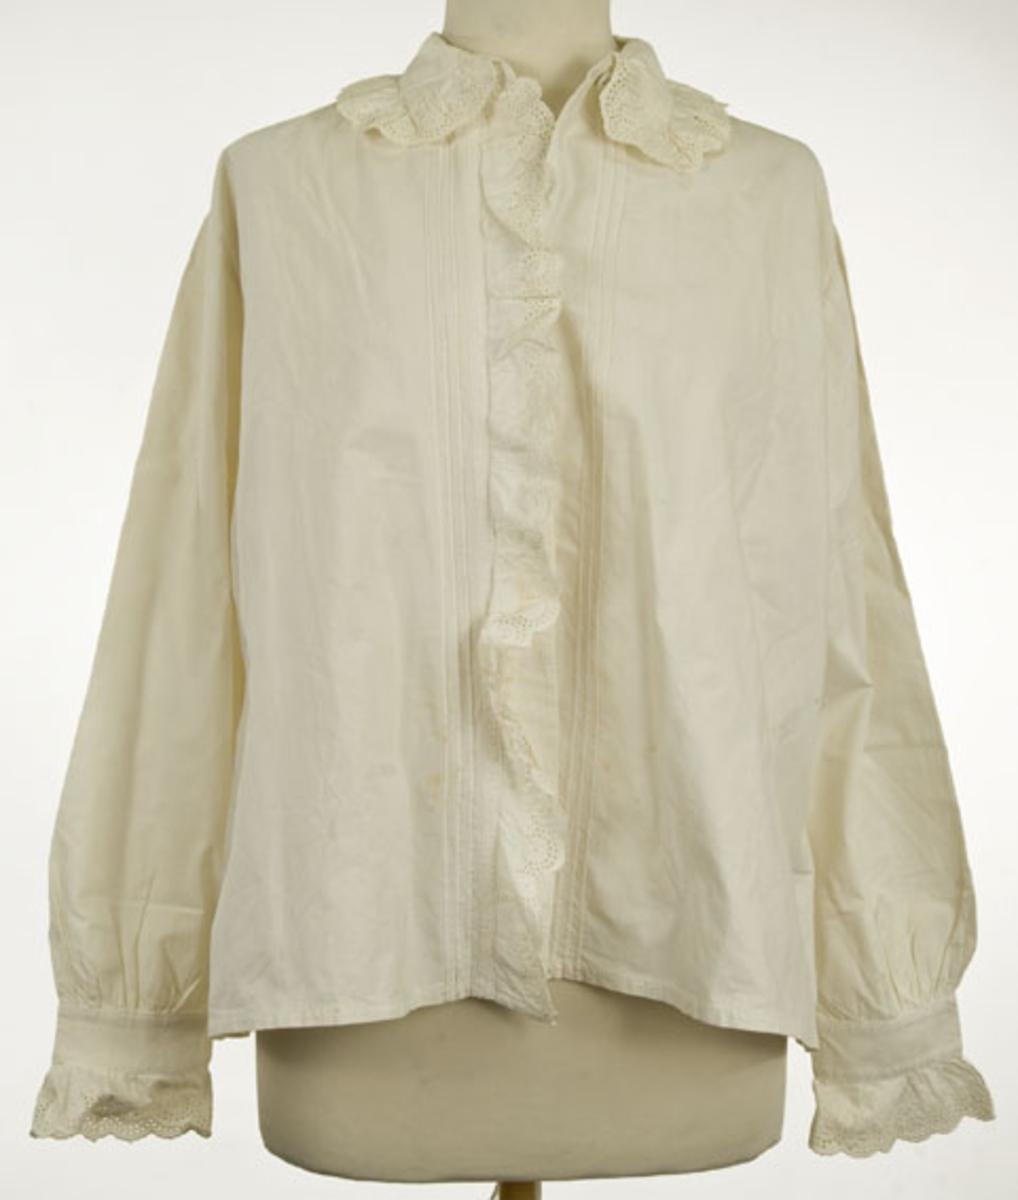 Hvit bomullsskjorte med blonde på ermer og krage.